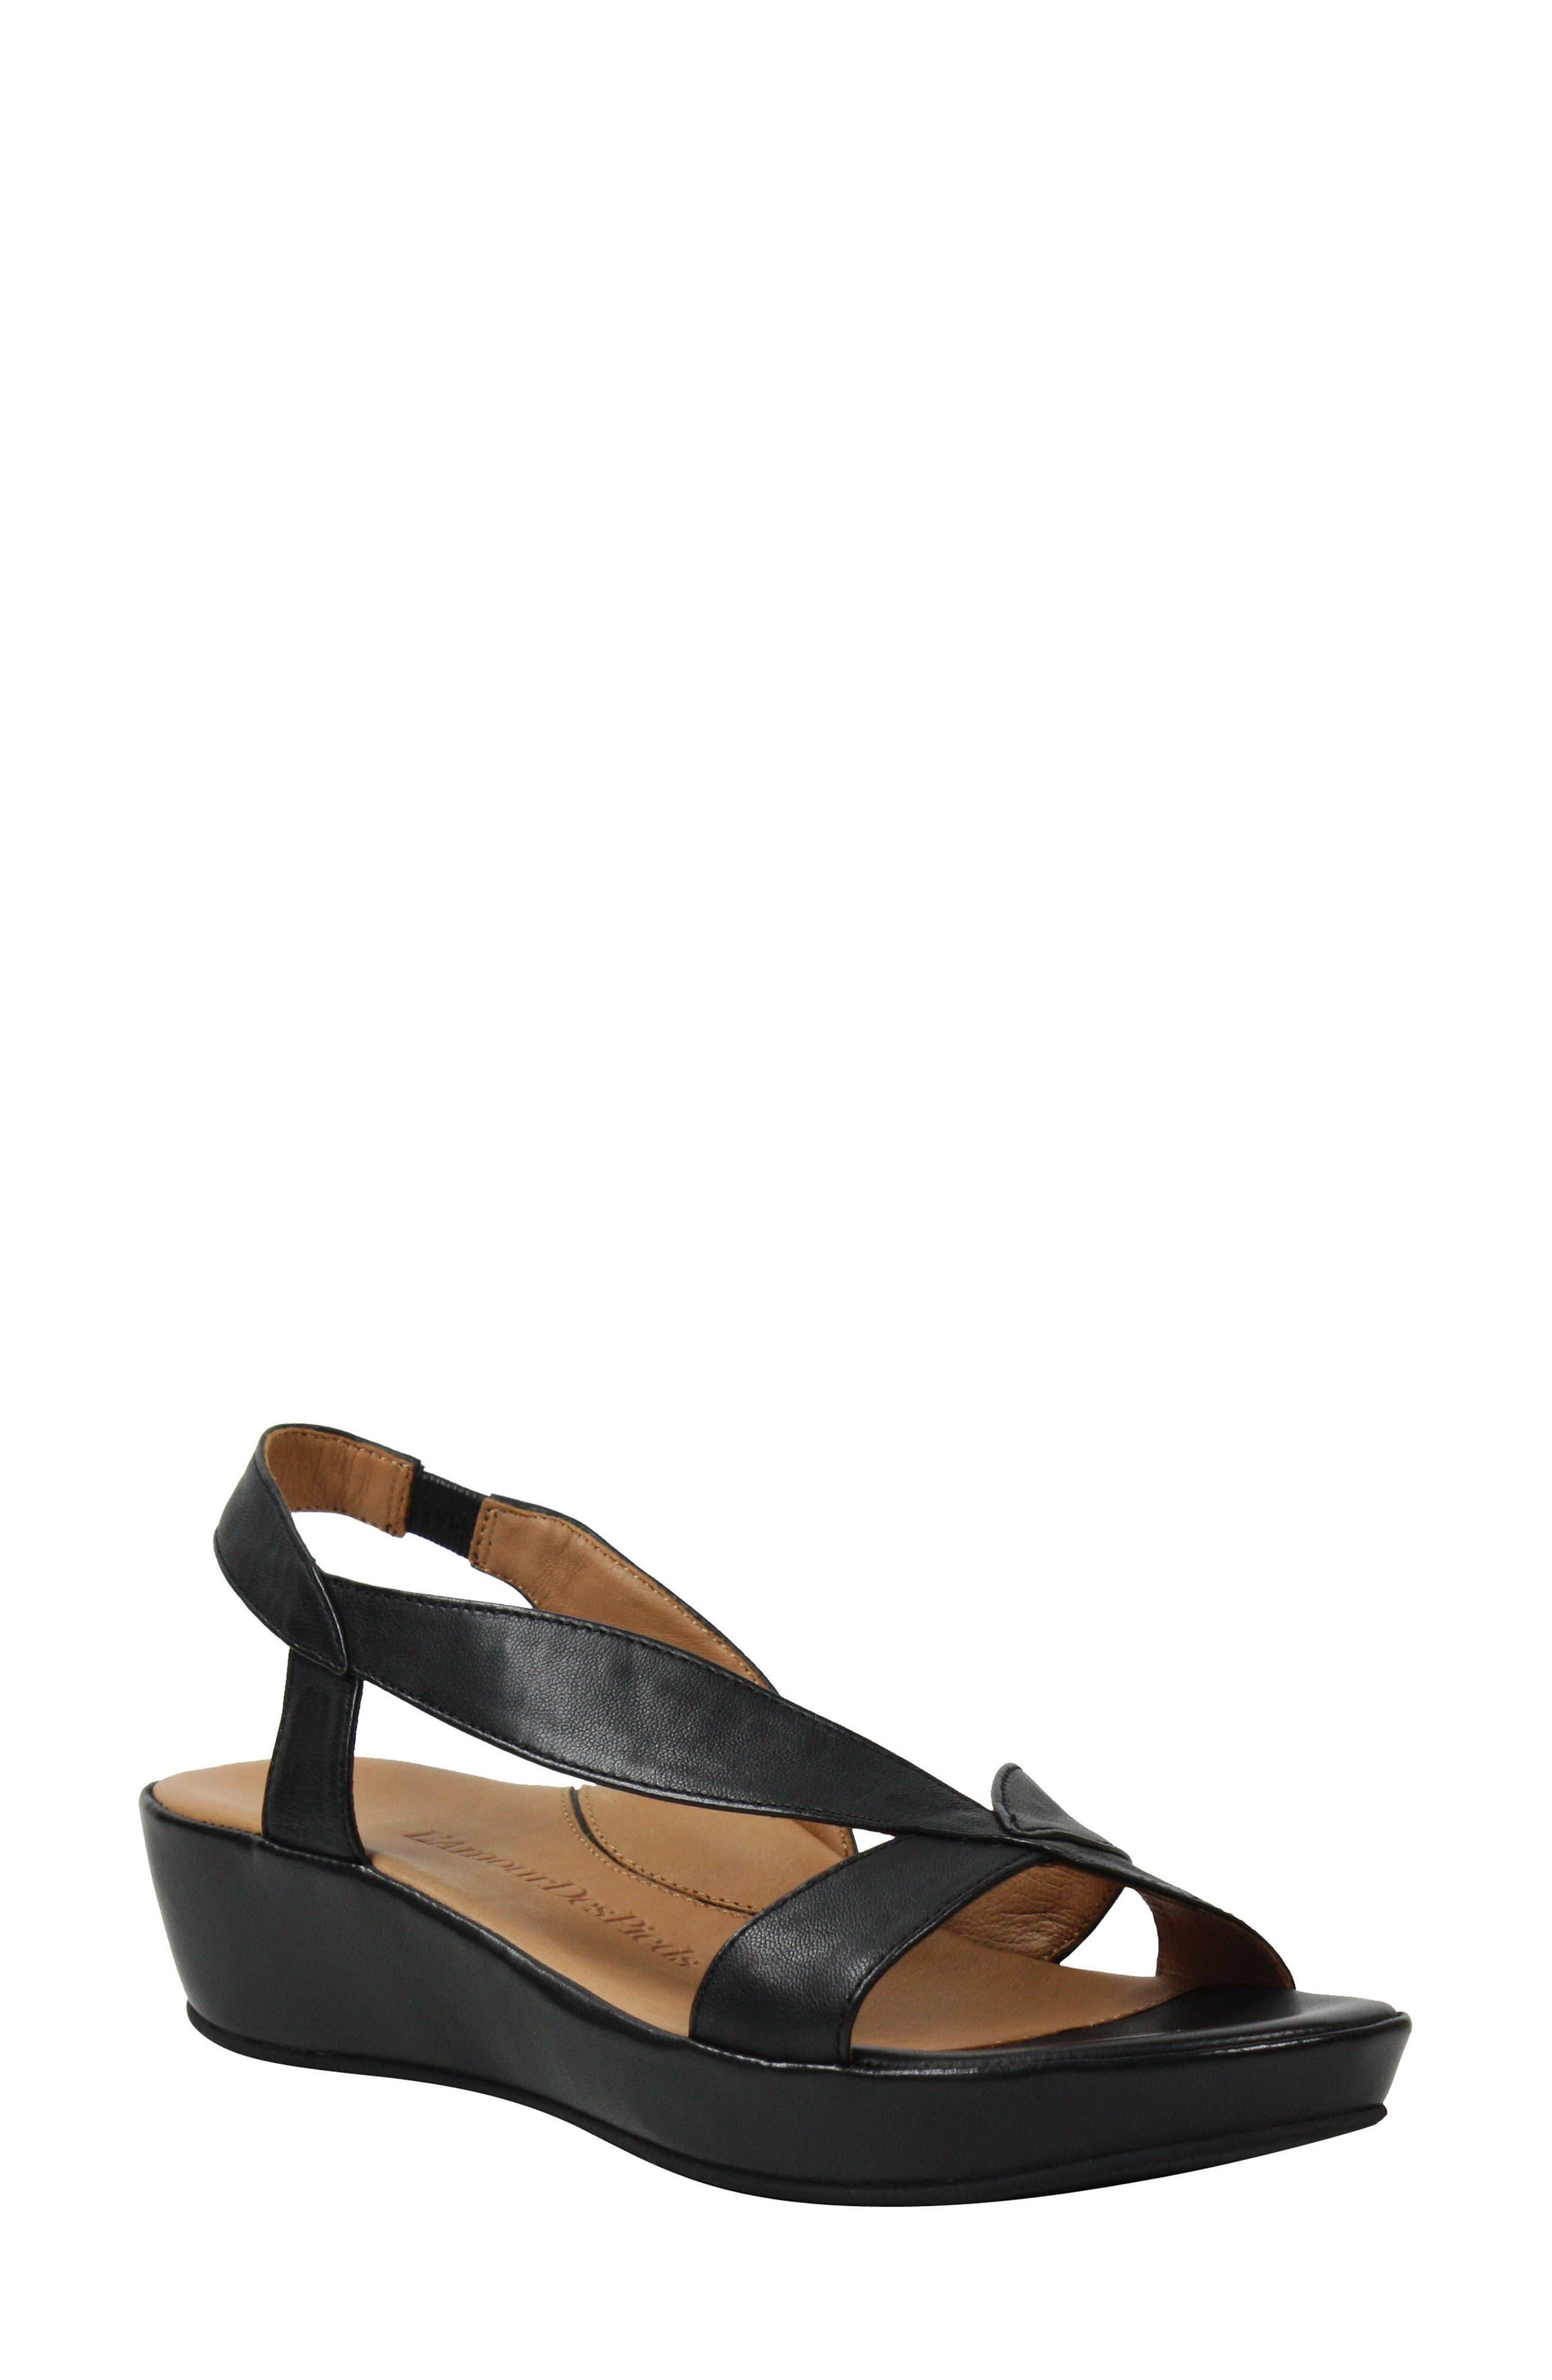 L'AMOUR DES PIEDS Crotono Sandal, Main, color, BLACK NAPPA LEATHER